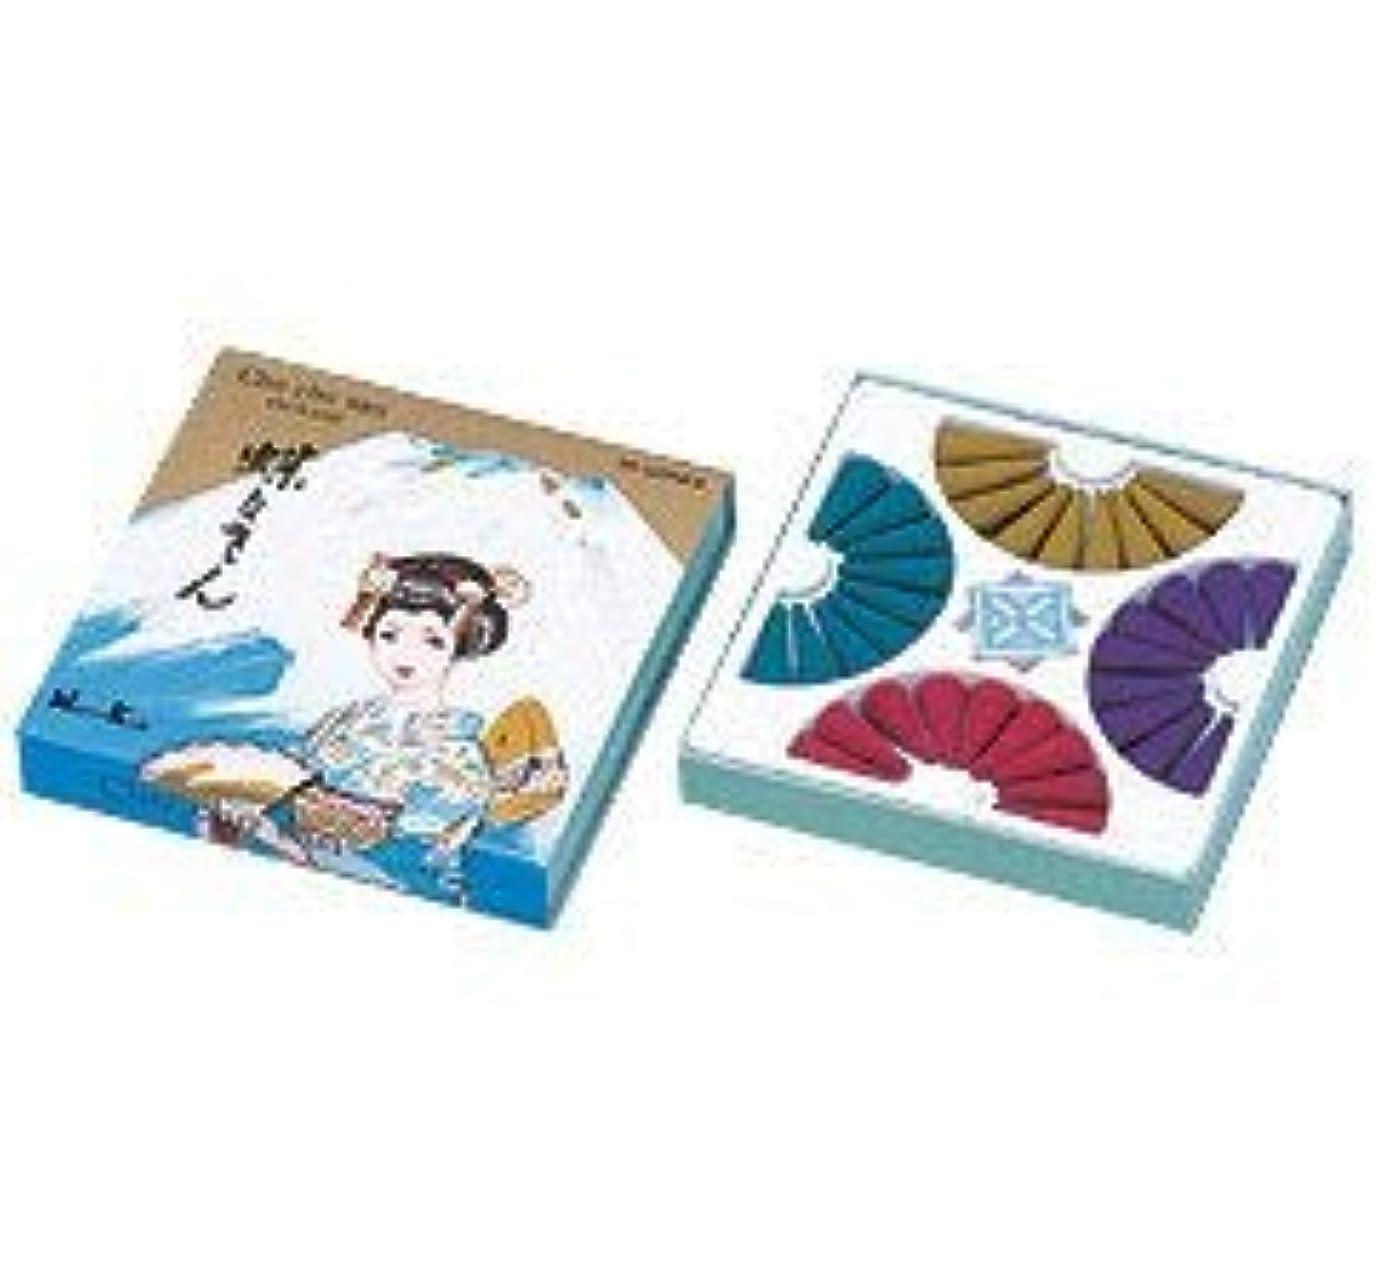 聖域メンタリティ認証蝶々さん 36個 × 40個セット